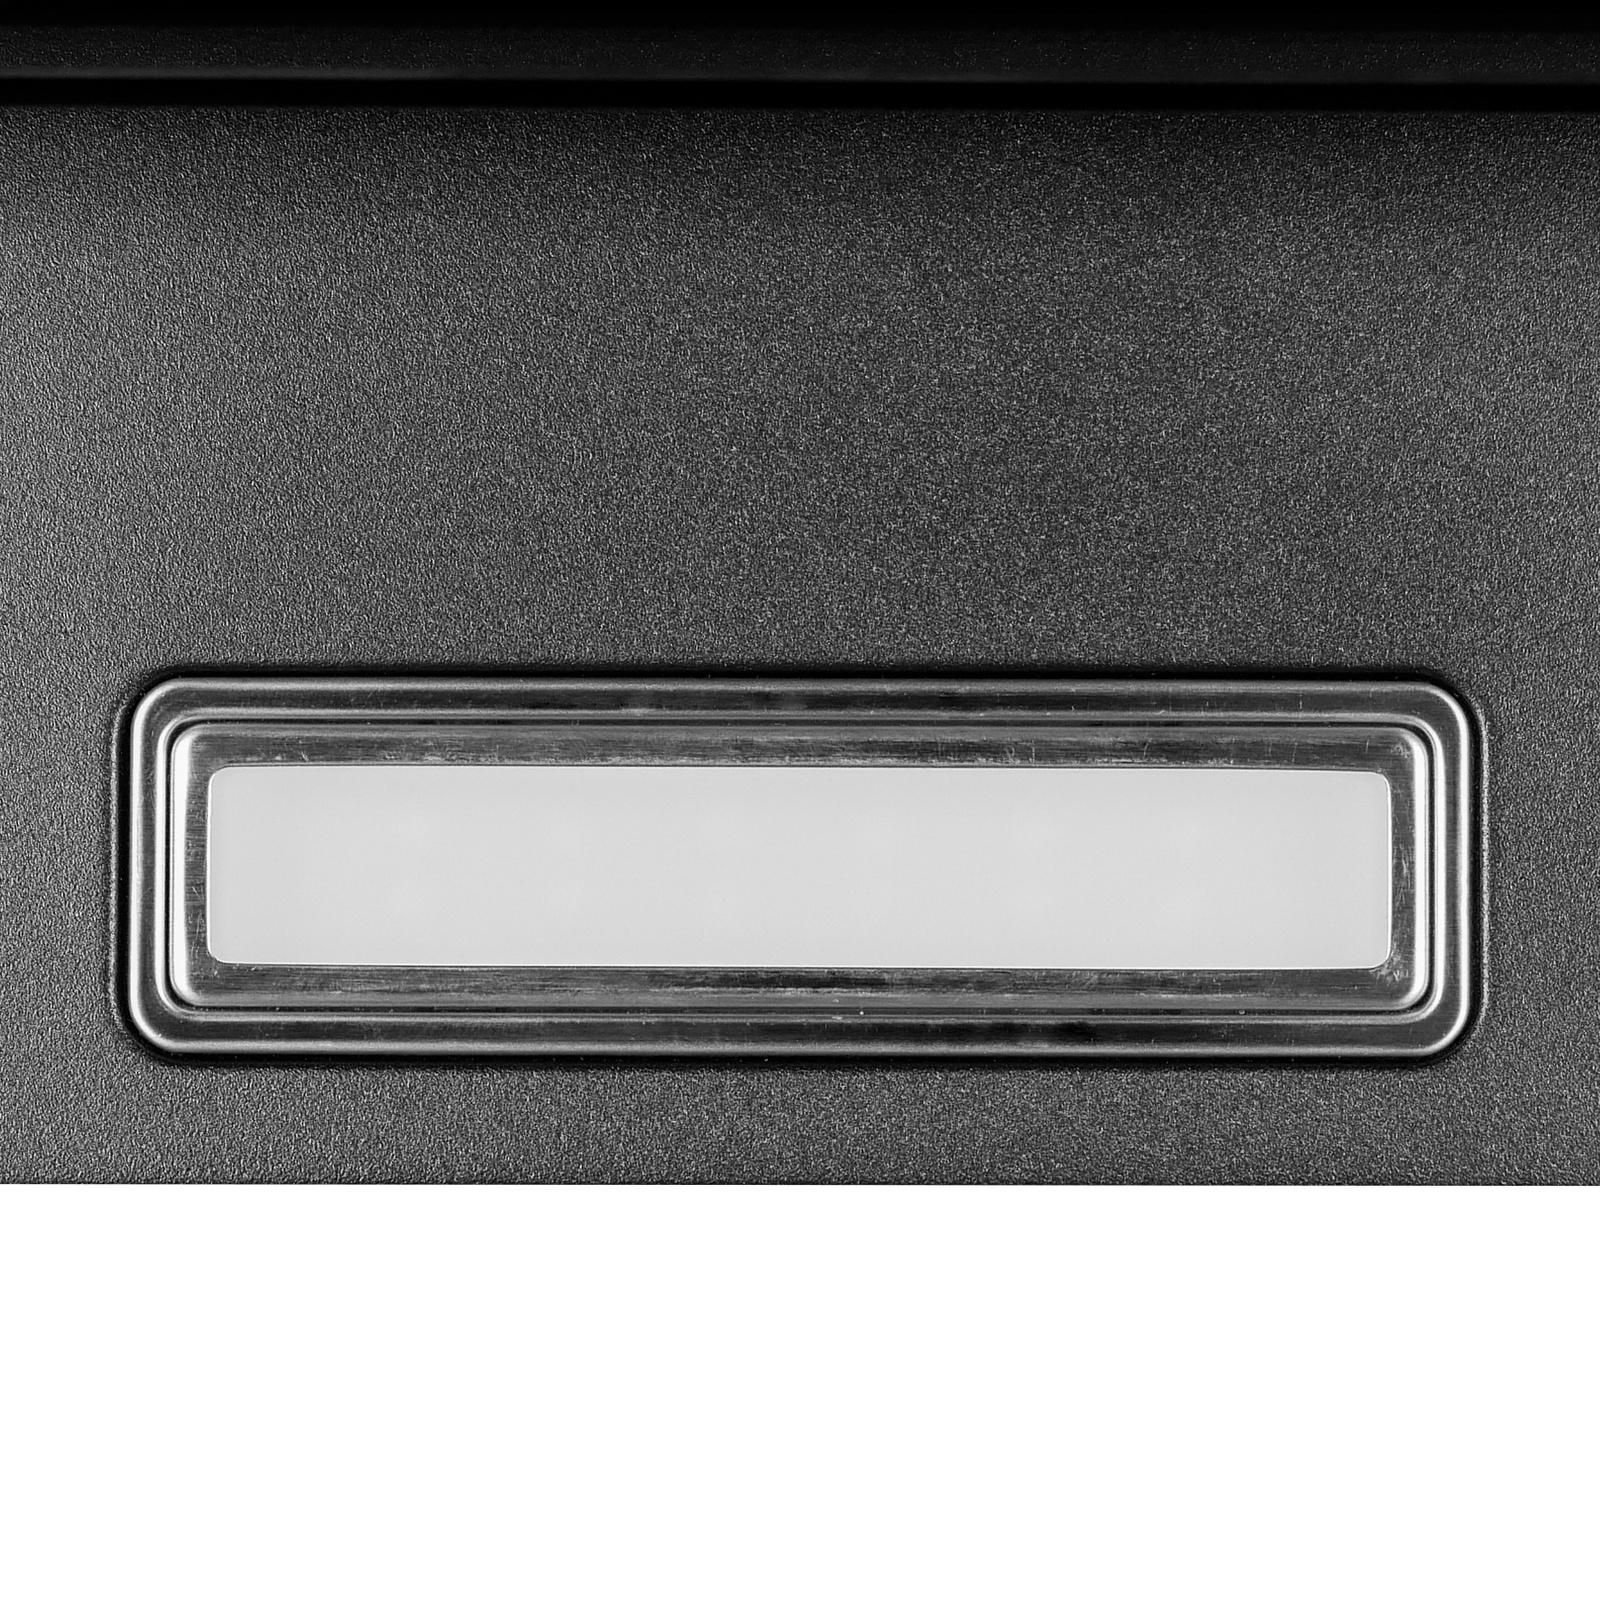 Вытяжка Lex Mika G 600 Blac, черный LEX